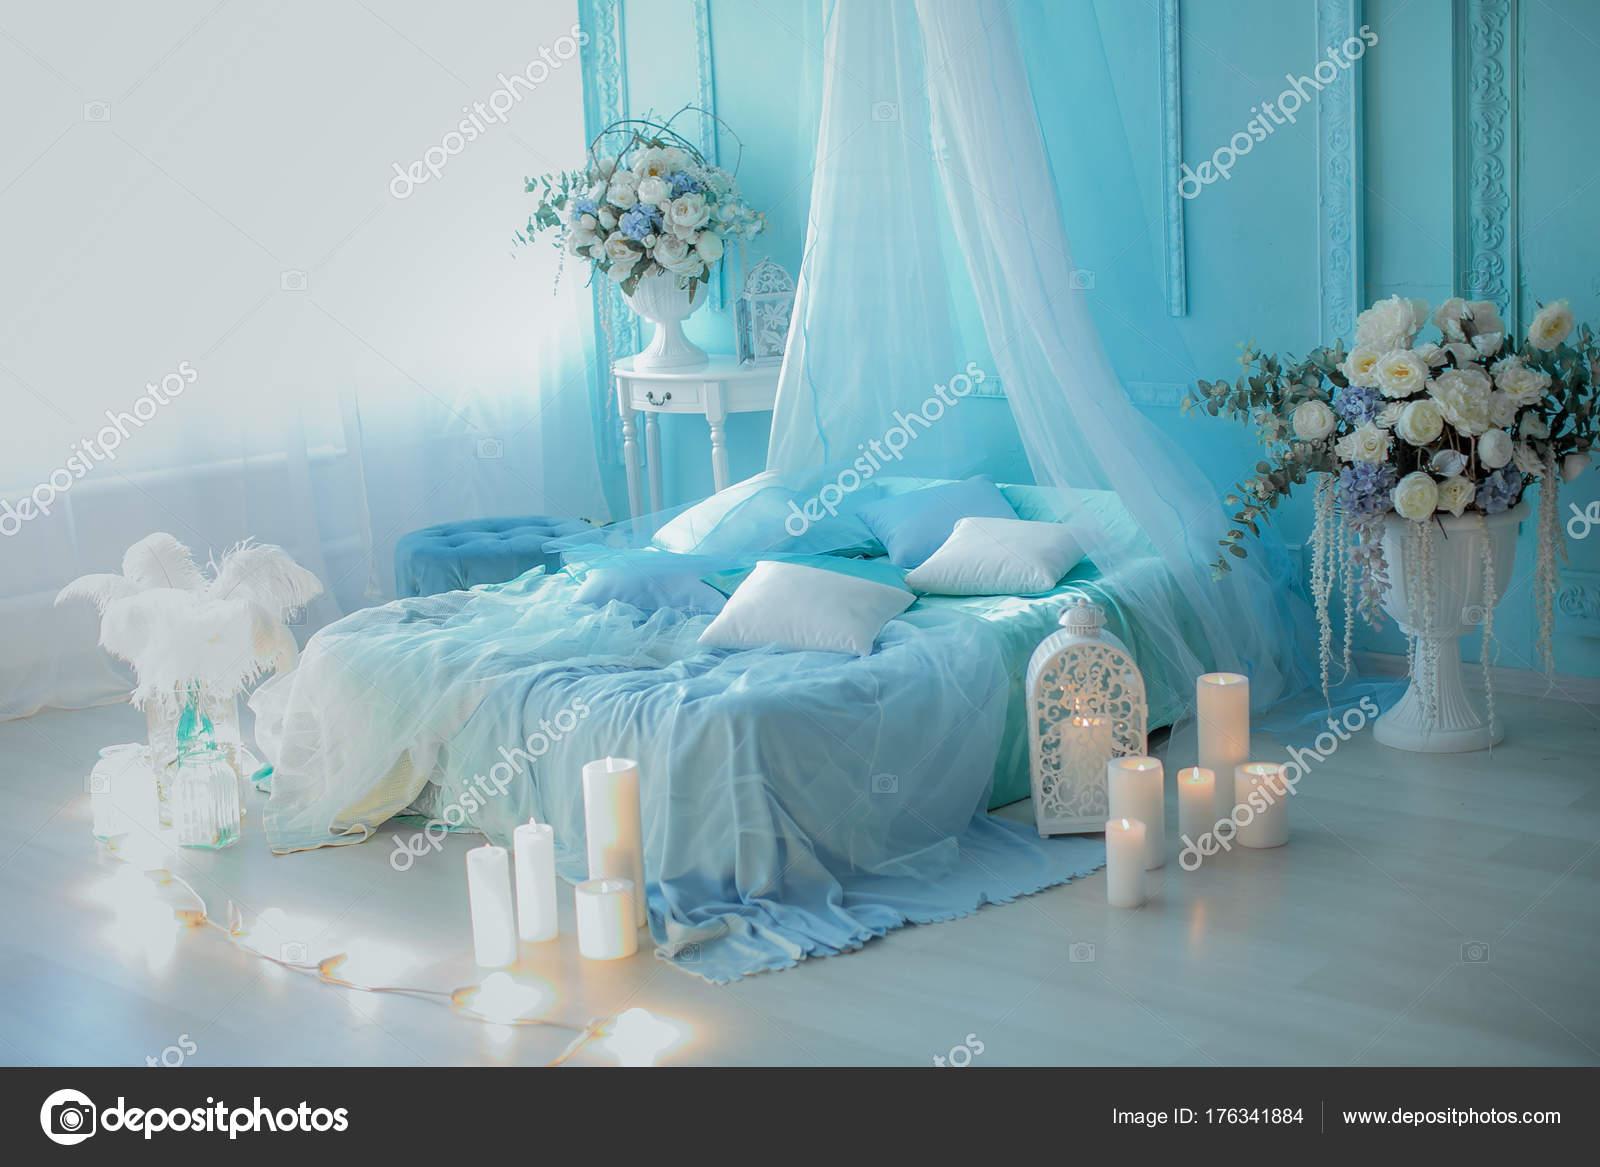 schlafzimmer kerzen, schlafzimmer innenraum mit blumen und dekorativen kerzen — stockfoto, Design ideen